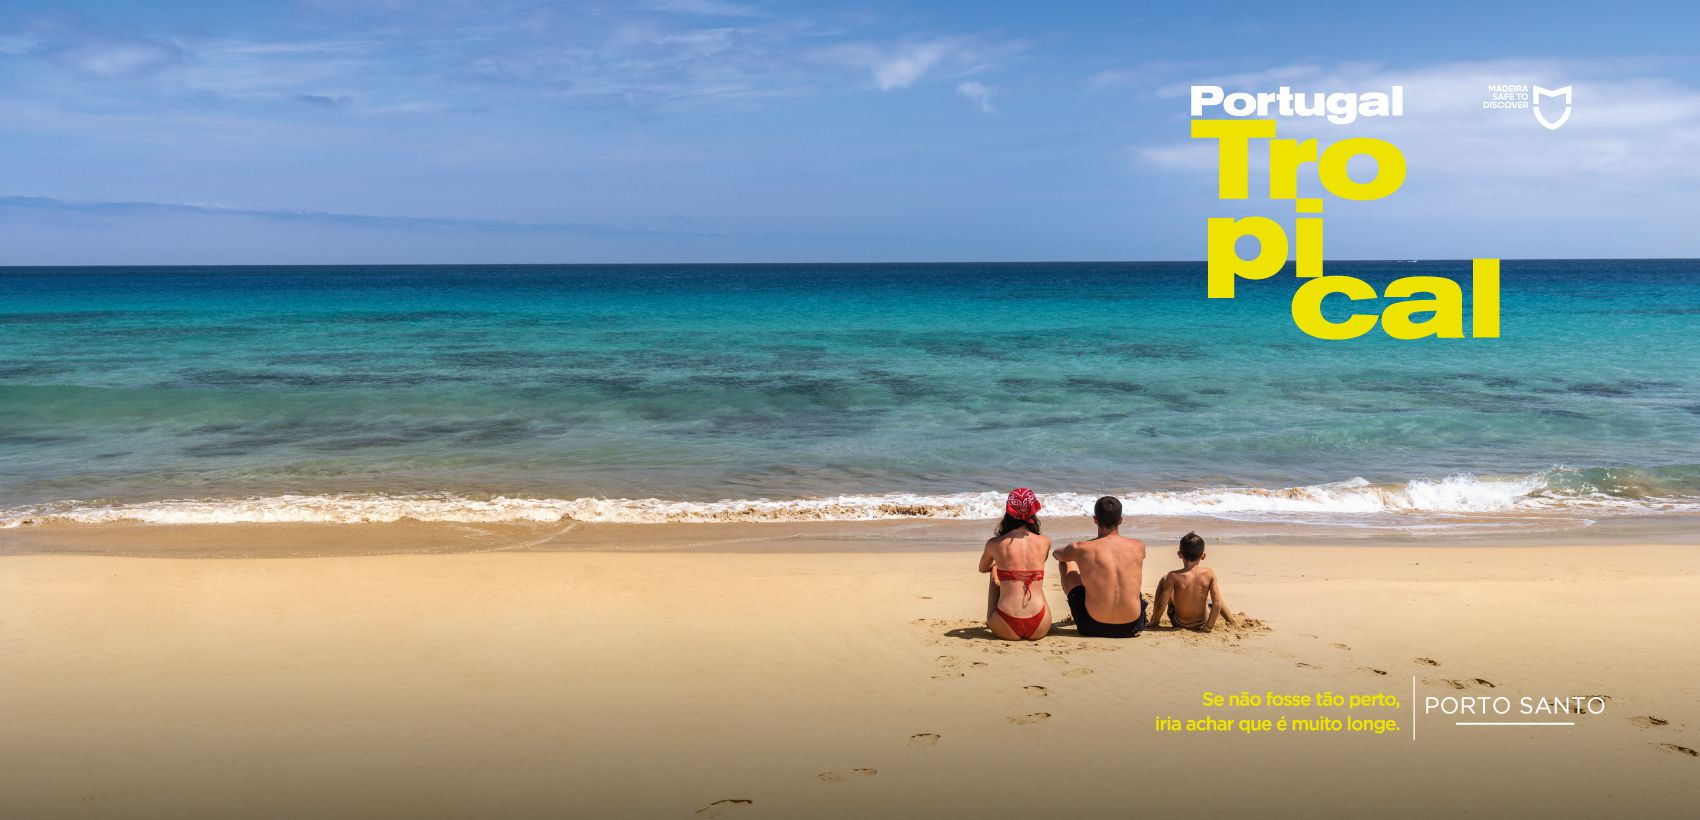 Porto Santo: Verão   Voo SATA   Lisboa & Porto (7 noites)